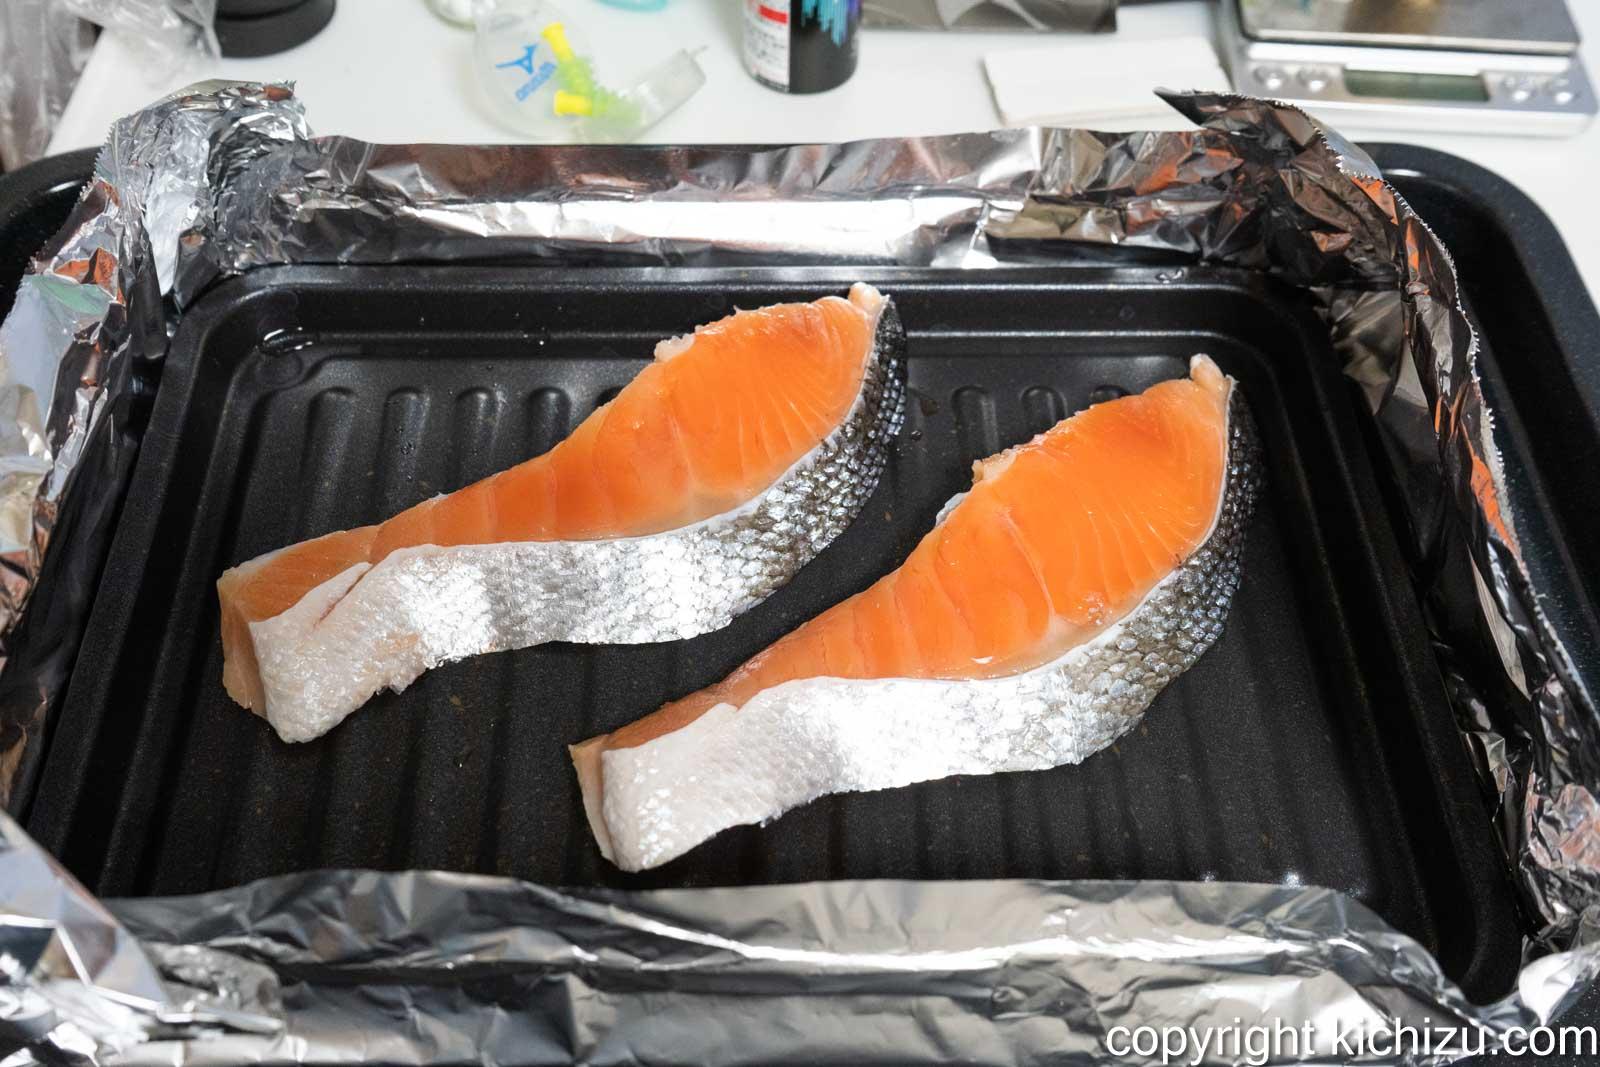 焼魚トレー マーブルに切り身鮭を乗せた様子